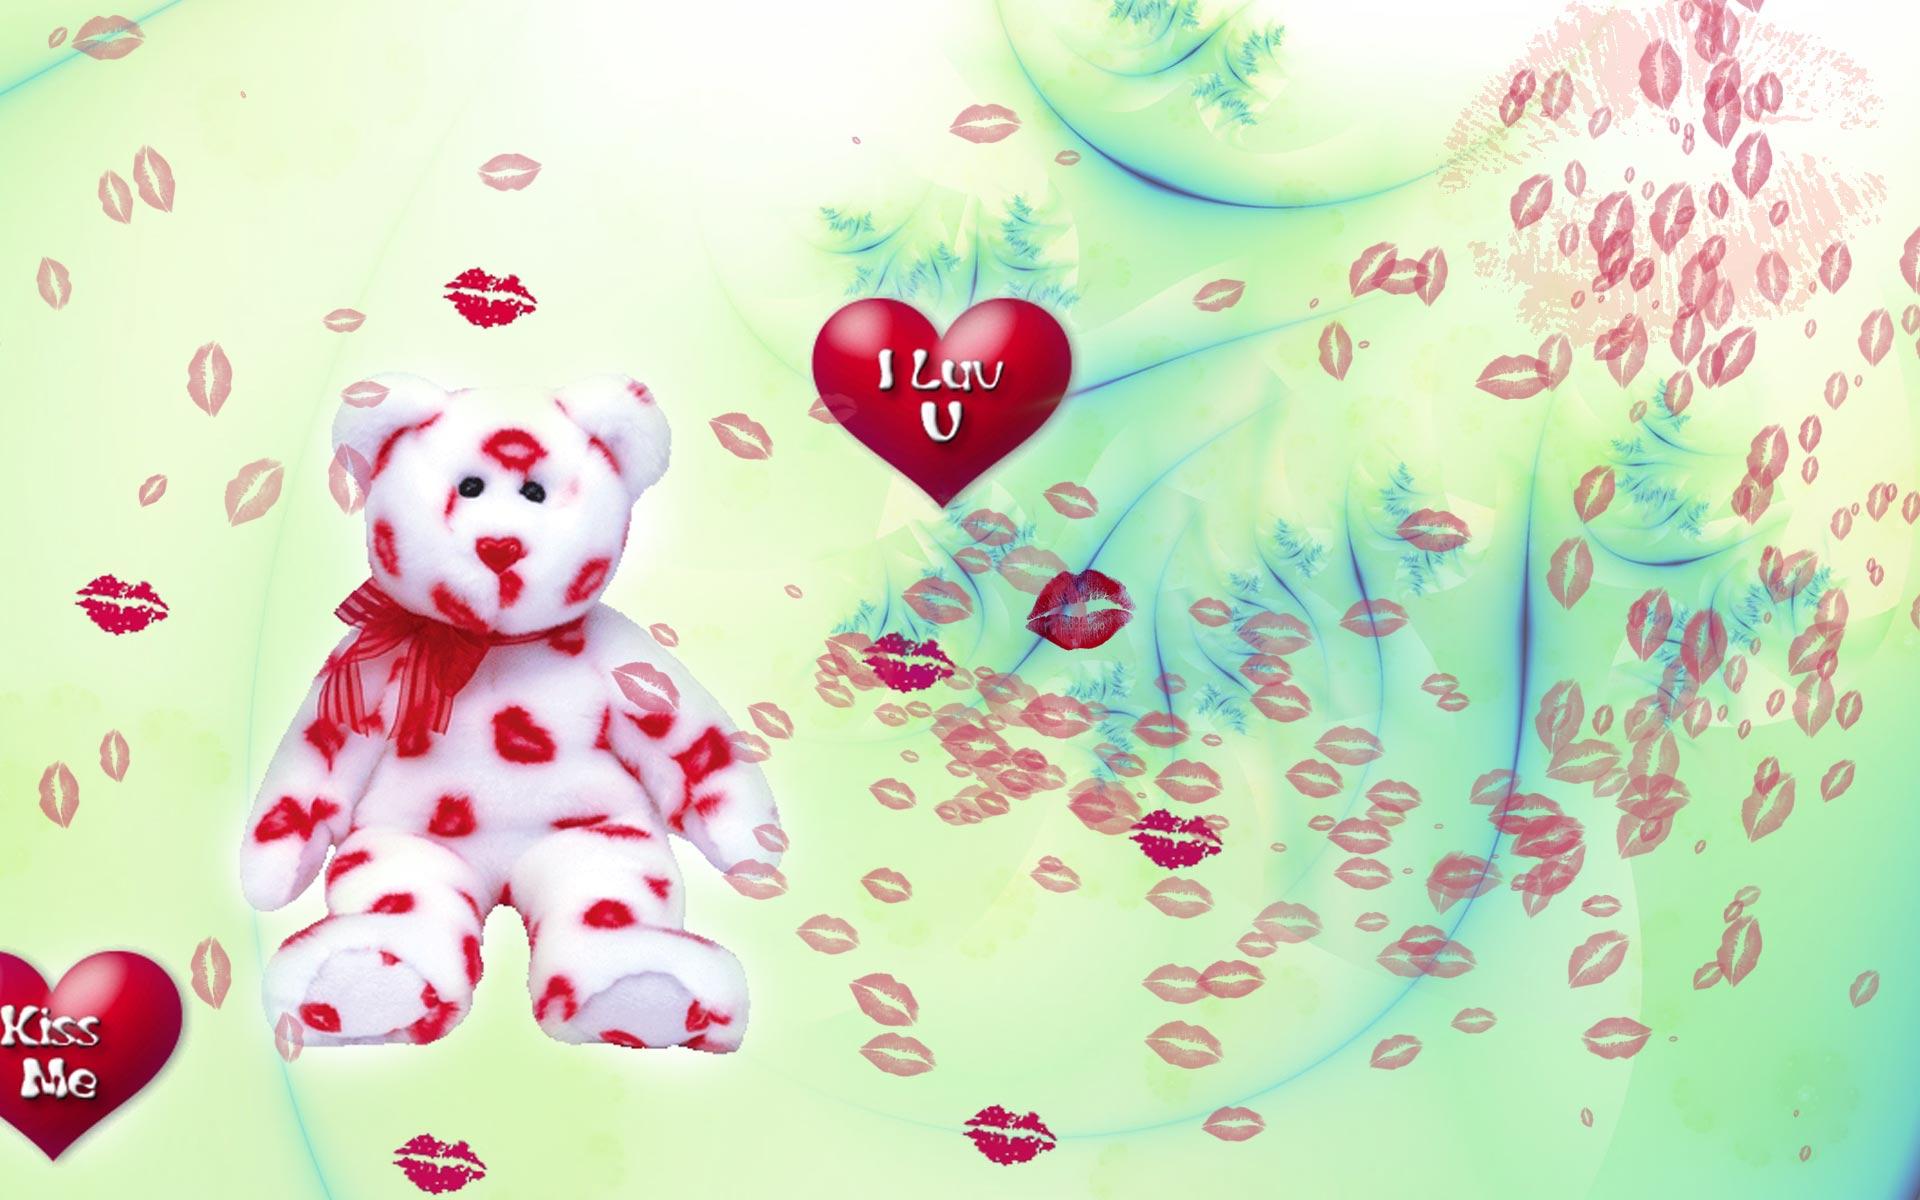 valentines-day-ecards-pics-